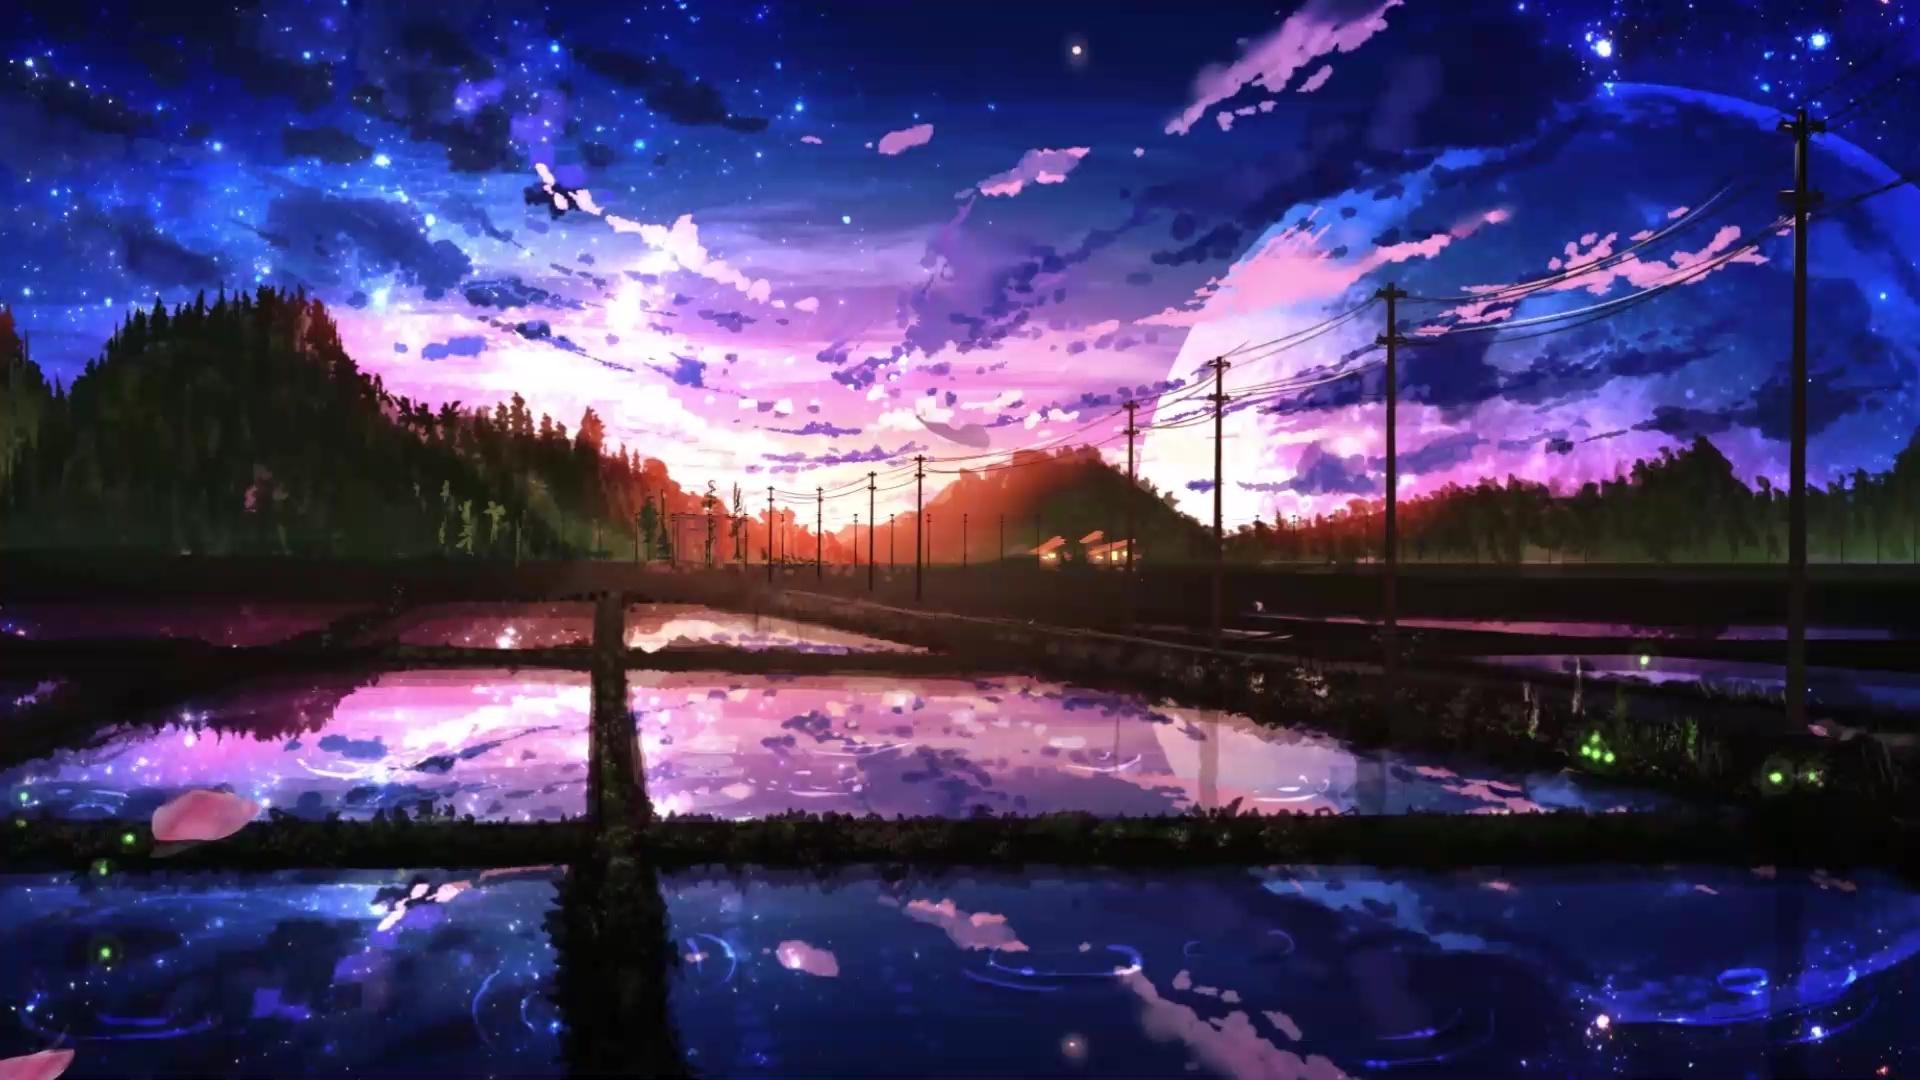 Cherry Blossom Sunset Live Wallpaper - WallpaperWaifu